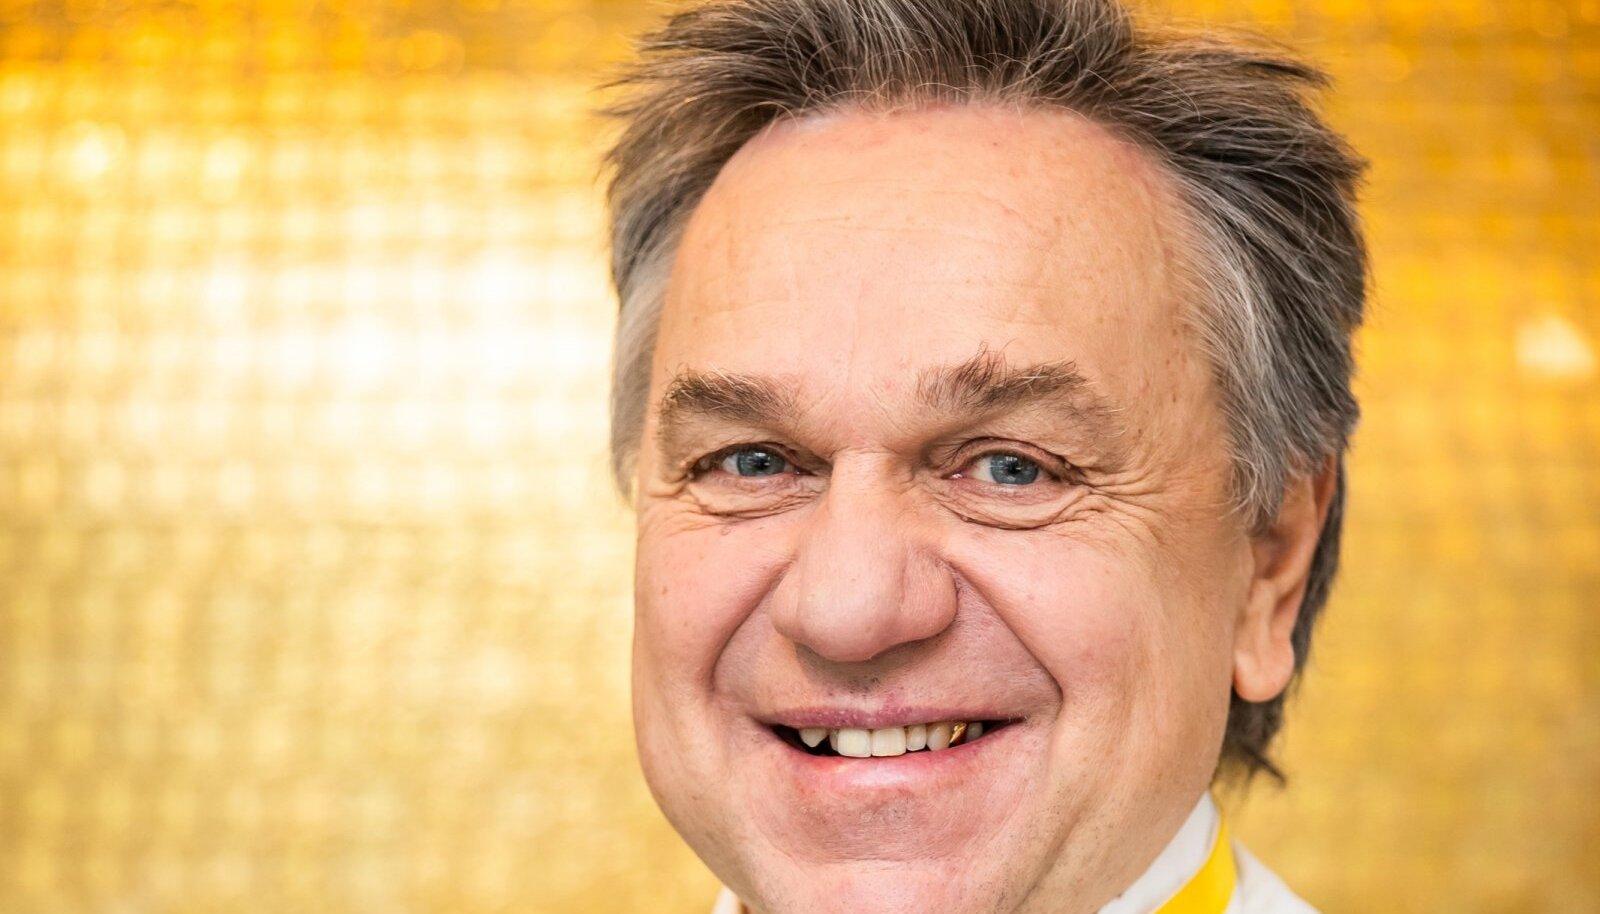 Allan Roosileht